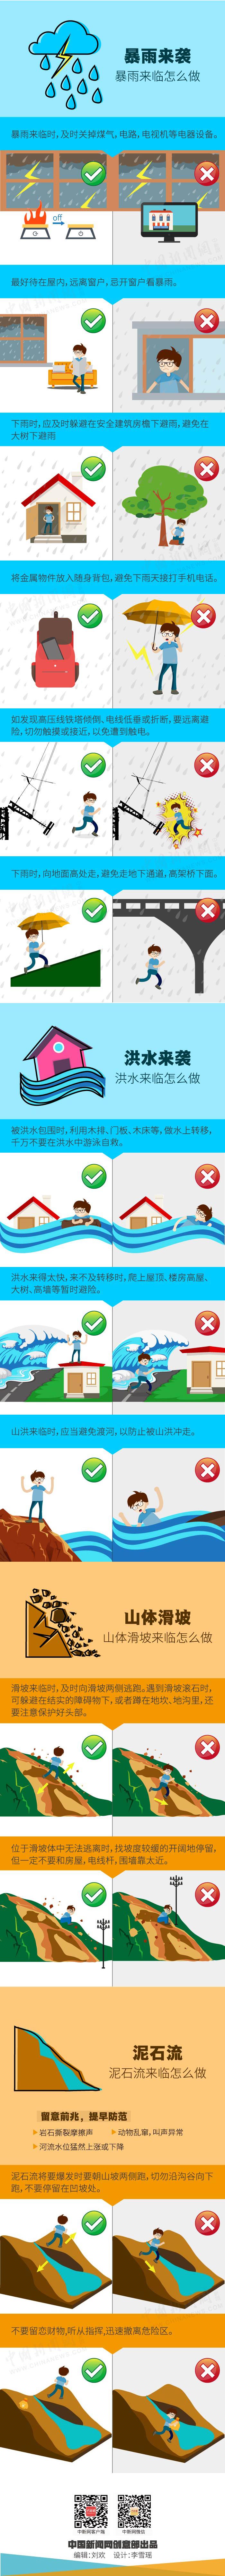 暴雨、洪水、泥石流,这些灾害应对常识你了解吗?